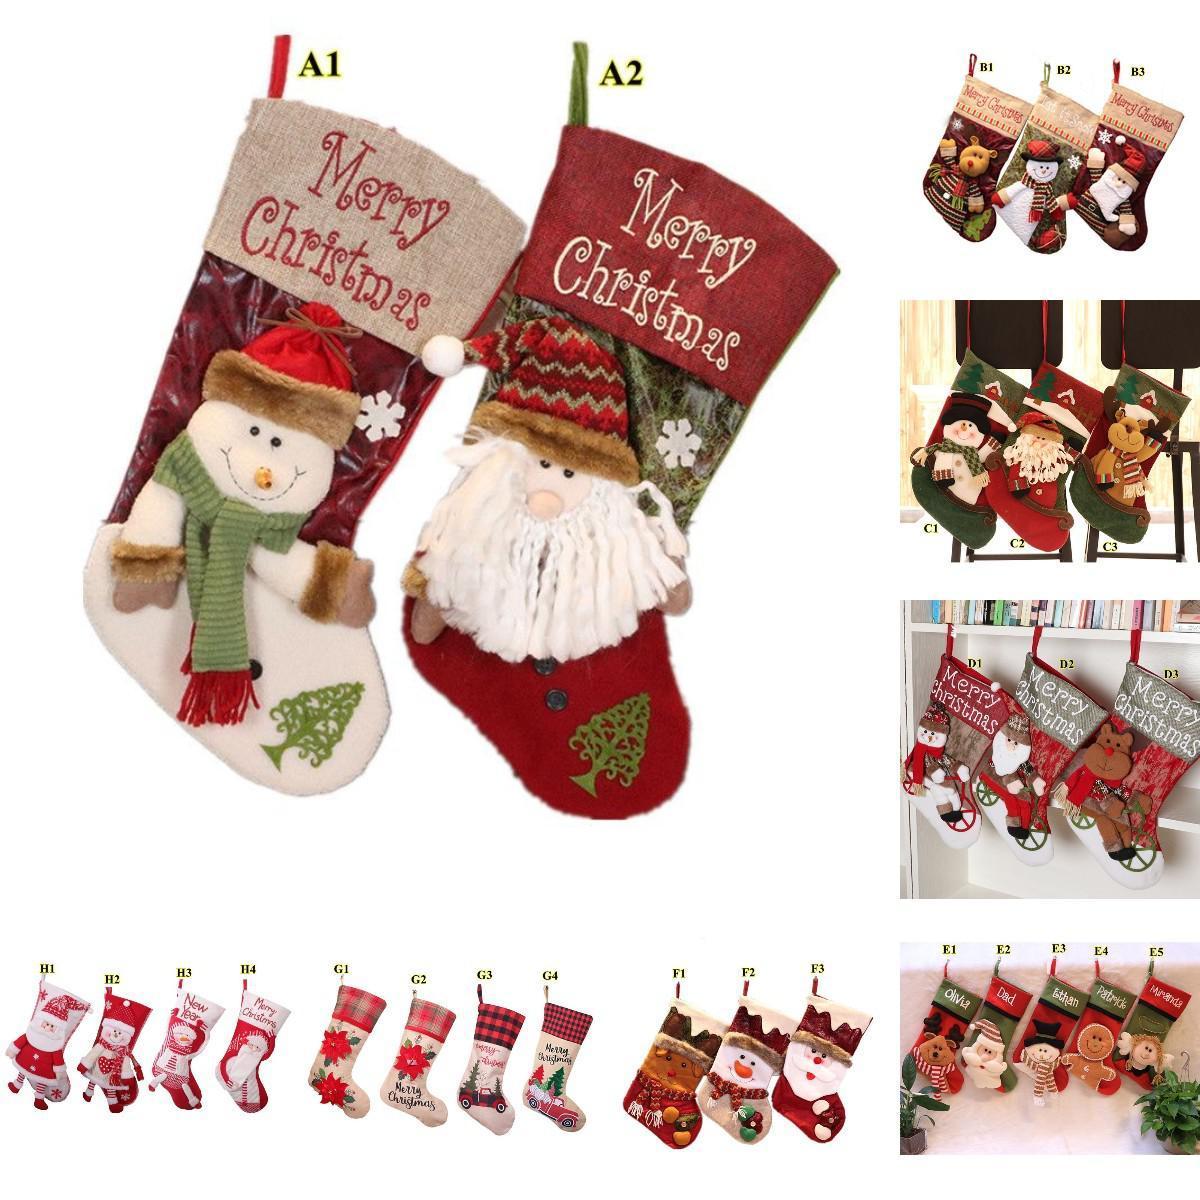 Presente de Natal Bolsa de Doces Home Árvore de Natal Pingente Pingente de Meia De Natal Decoração 8 Estilos Diferentes Integração OWE3039